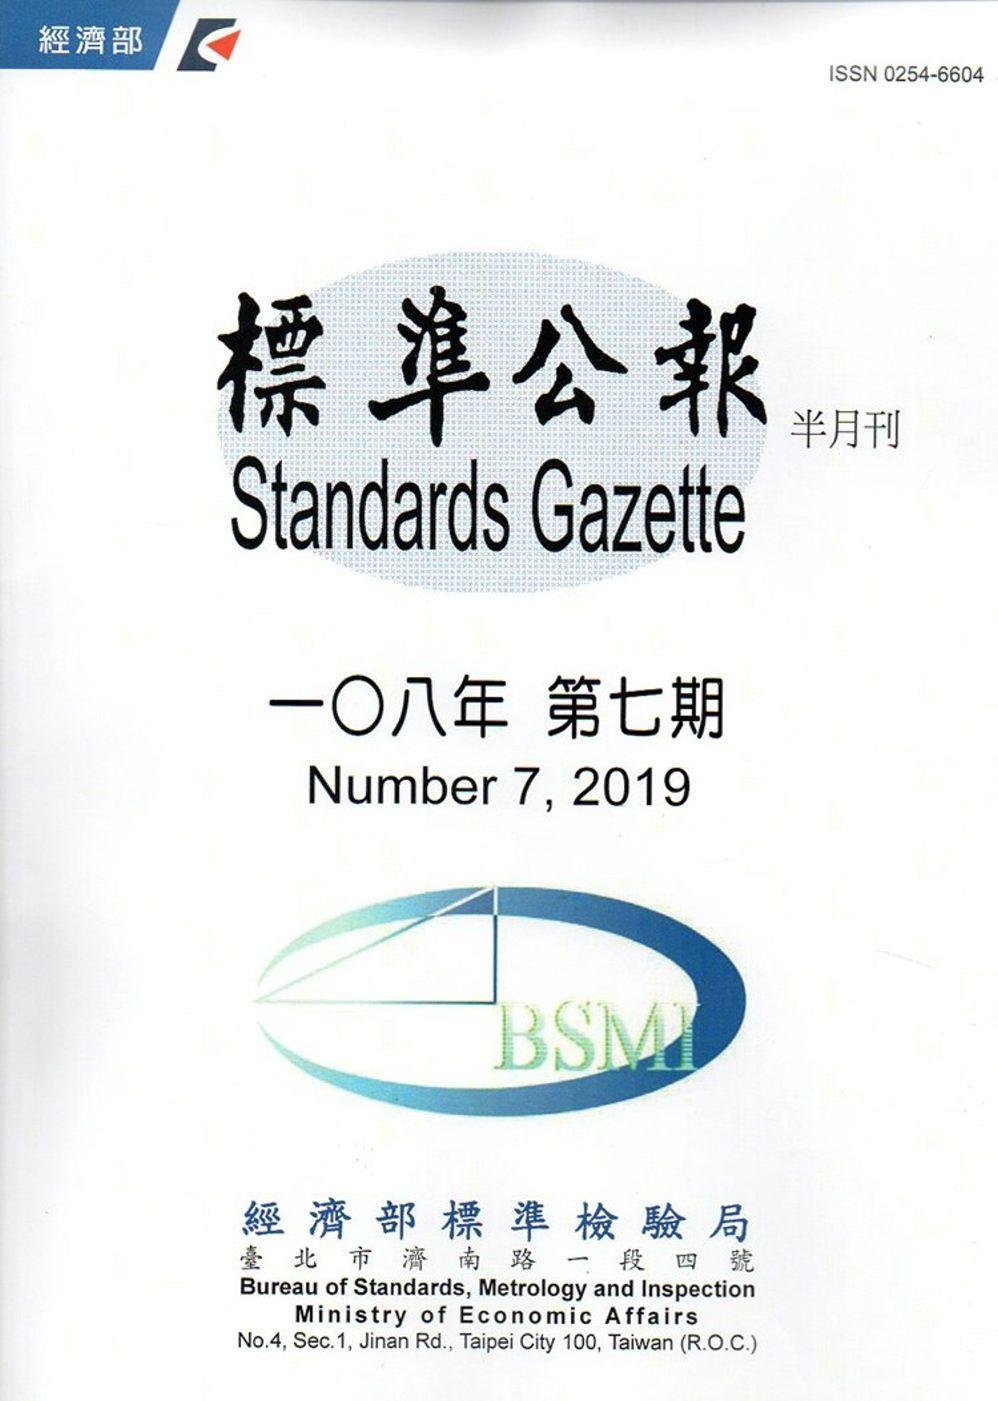 標準公報半月刊108年 第七期